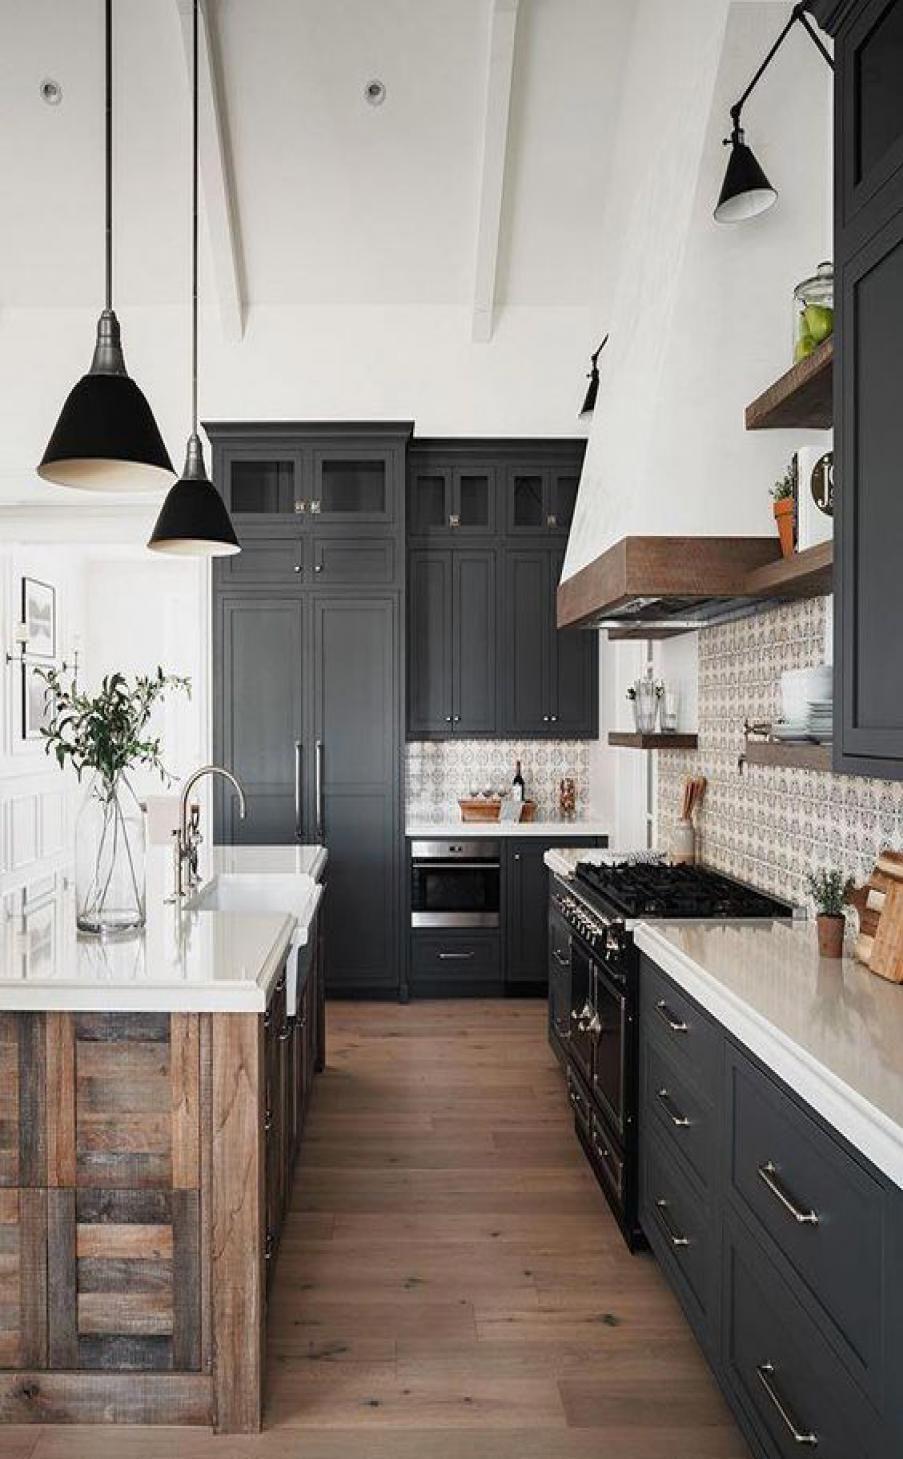 Cheap Decor Videos Saleprice 19 In 2020 Farmhouse Kitchen Design Rustic Modern Kitchen Industrial Kitchen Design